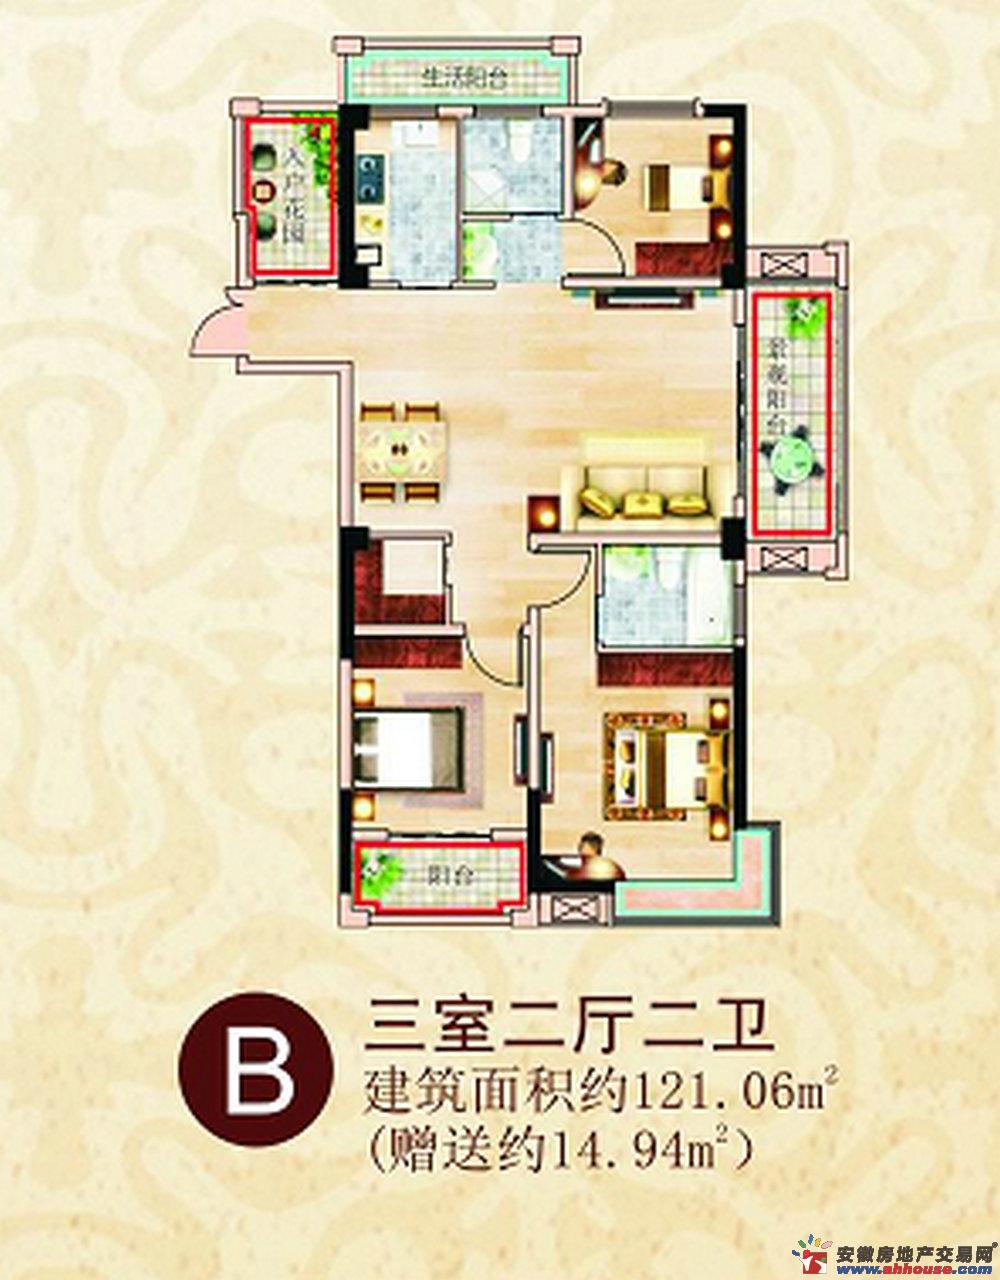 上和家园_3室2厅2卫厨